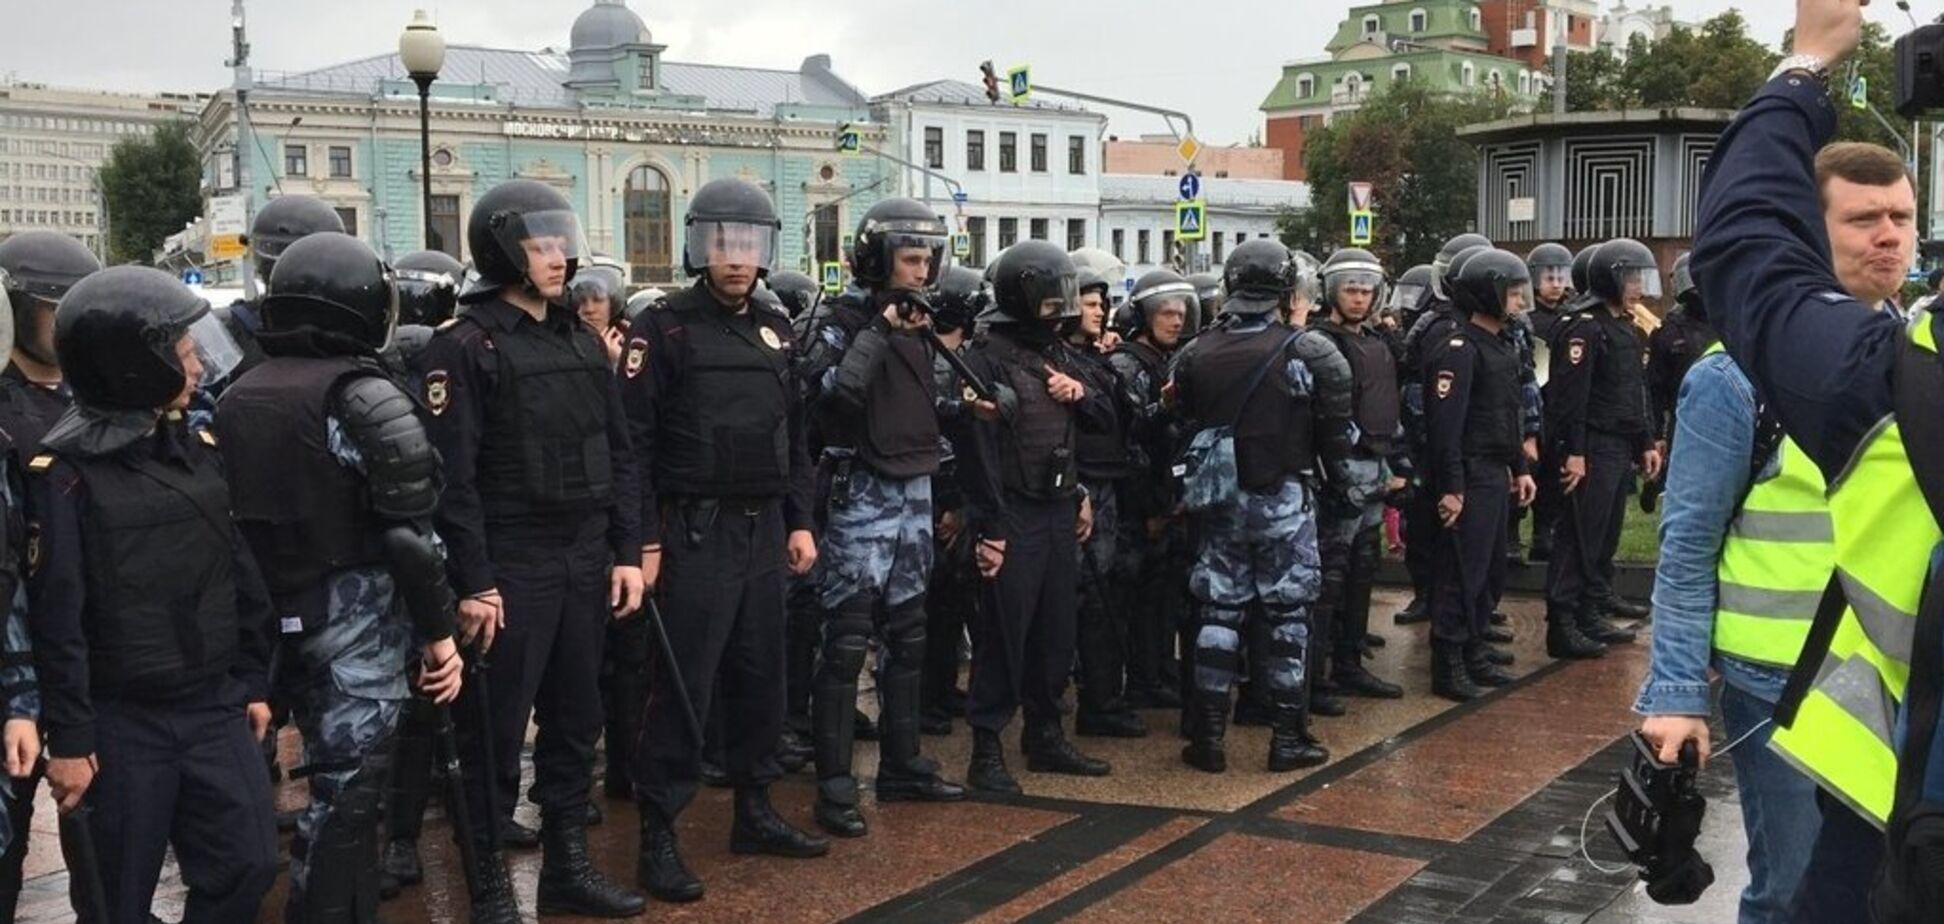 Протести в Москві: в столицю Росії стягують спецтехніку і автозаки